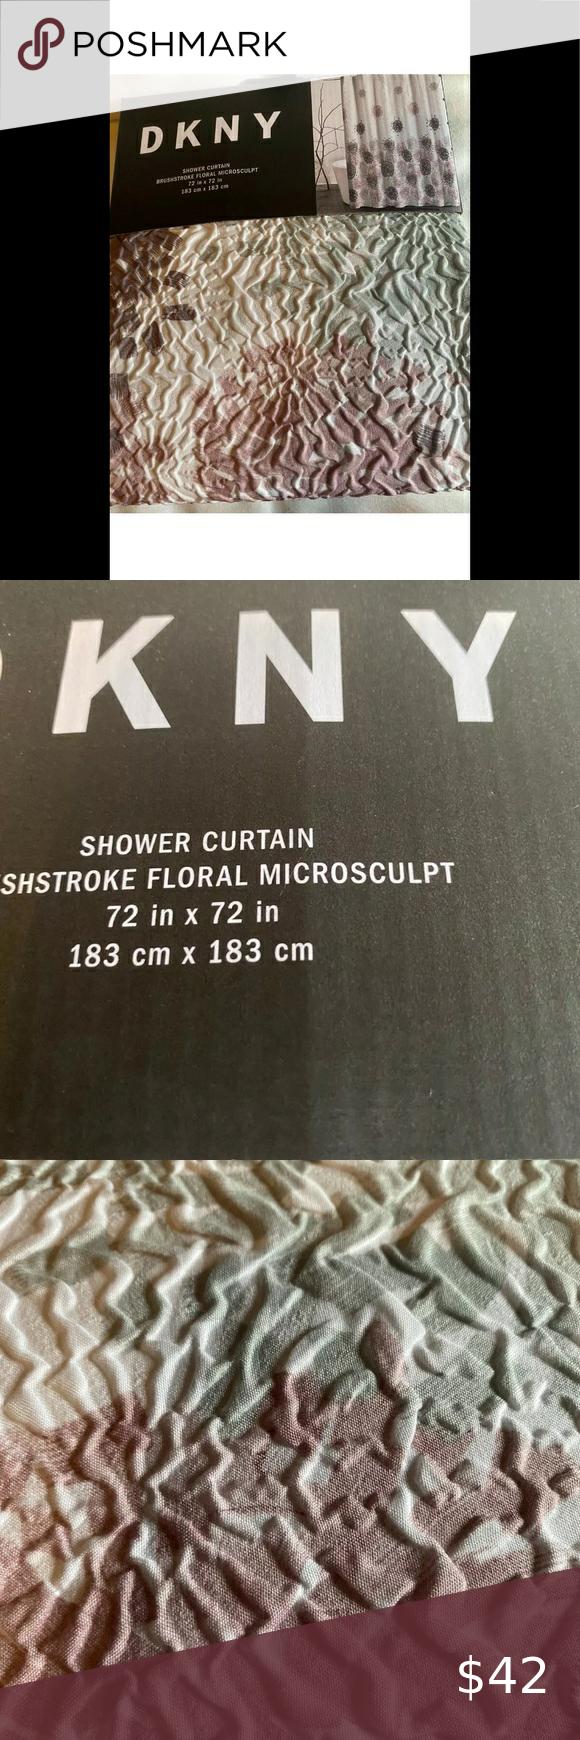 """183 x 183 cm DKNY Microsculpt Shower Curtain 72/"""" x 72/"""" New"""